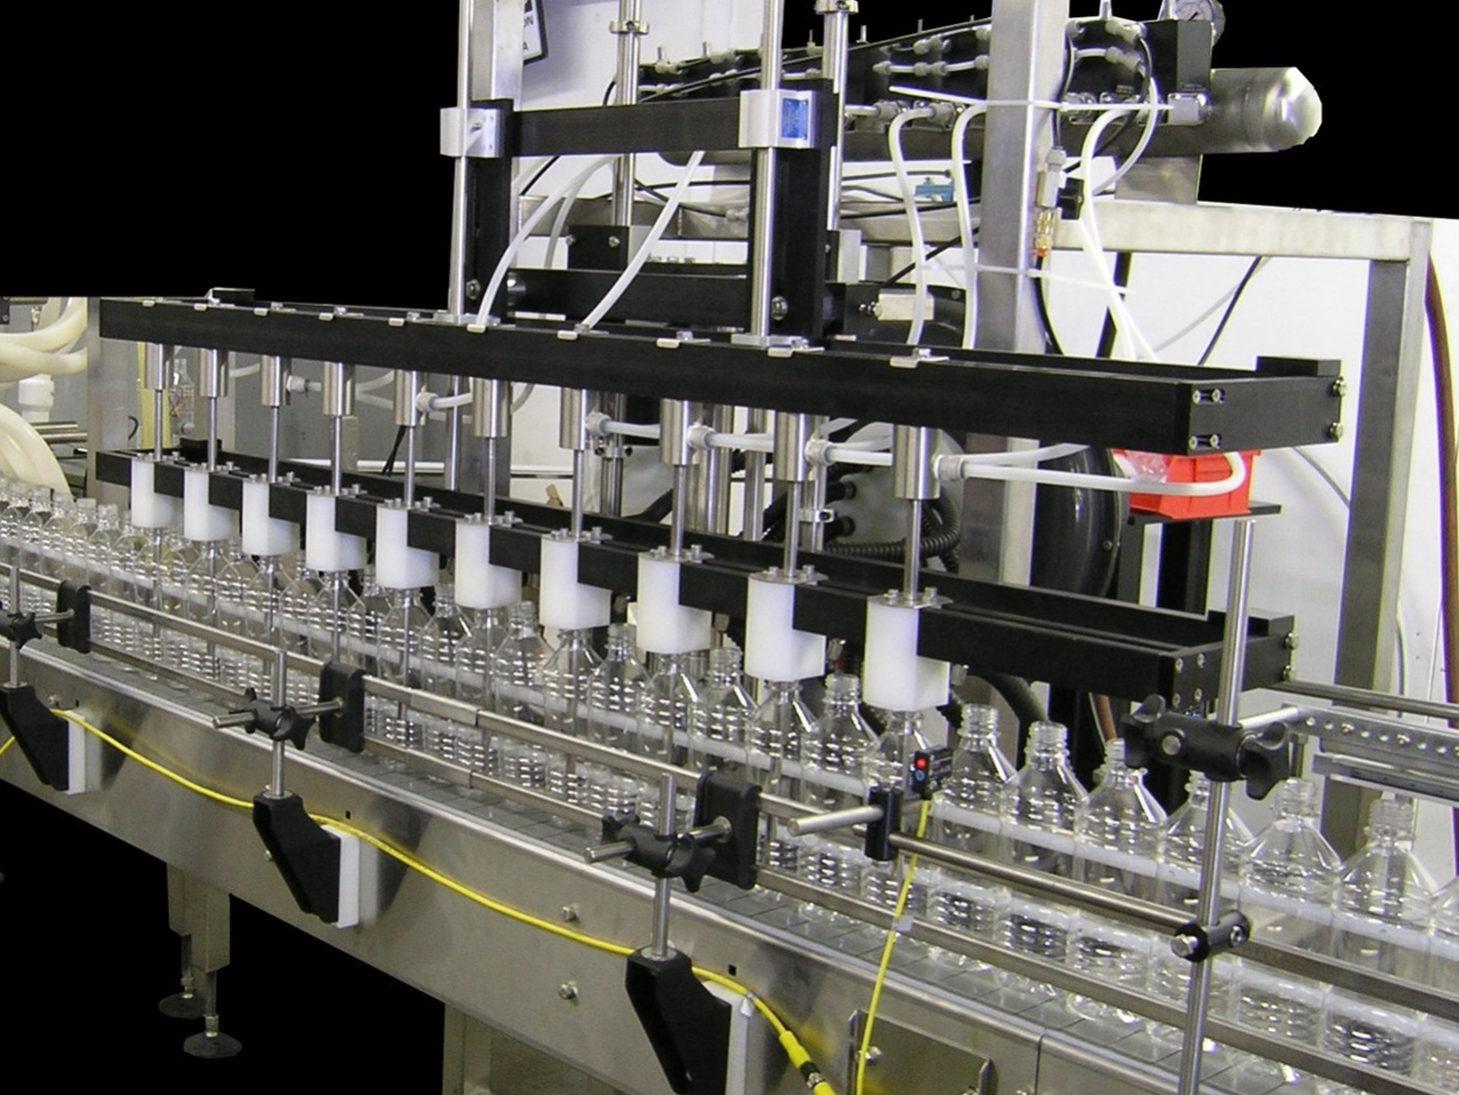 Distilled Spirits Amp Wine Bottling Line Sourceline Machinery